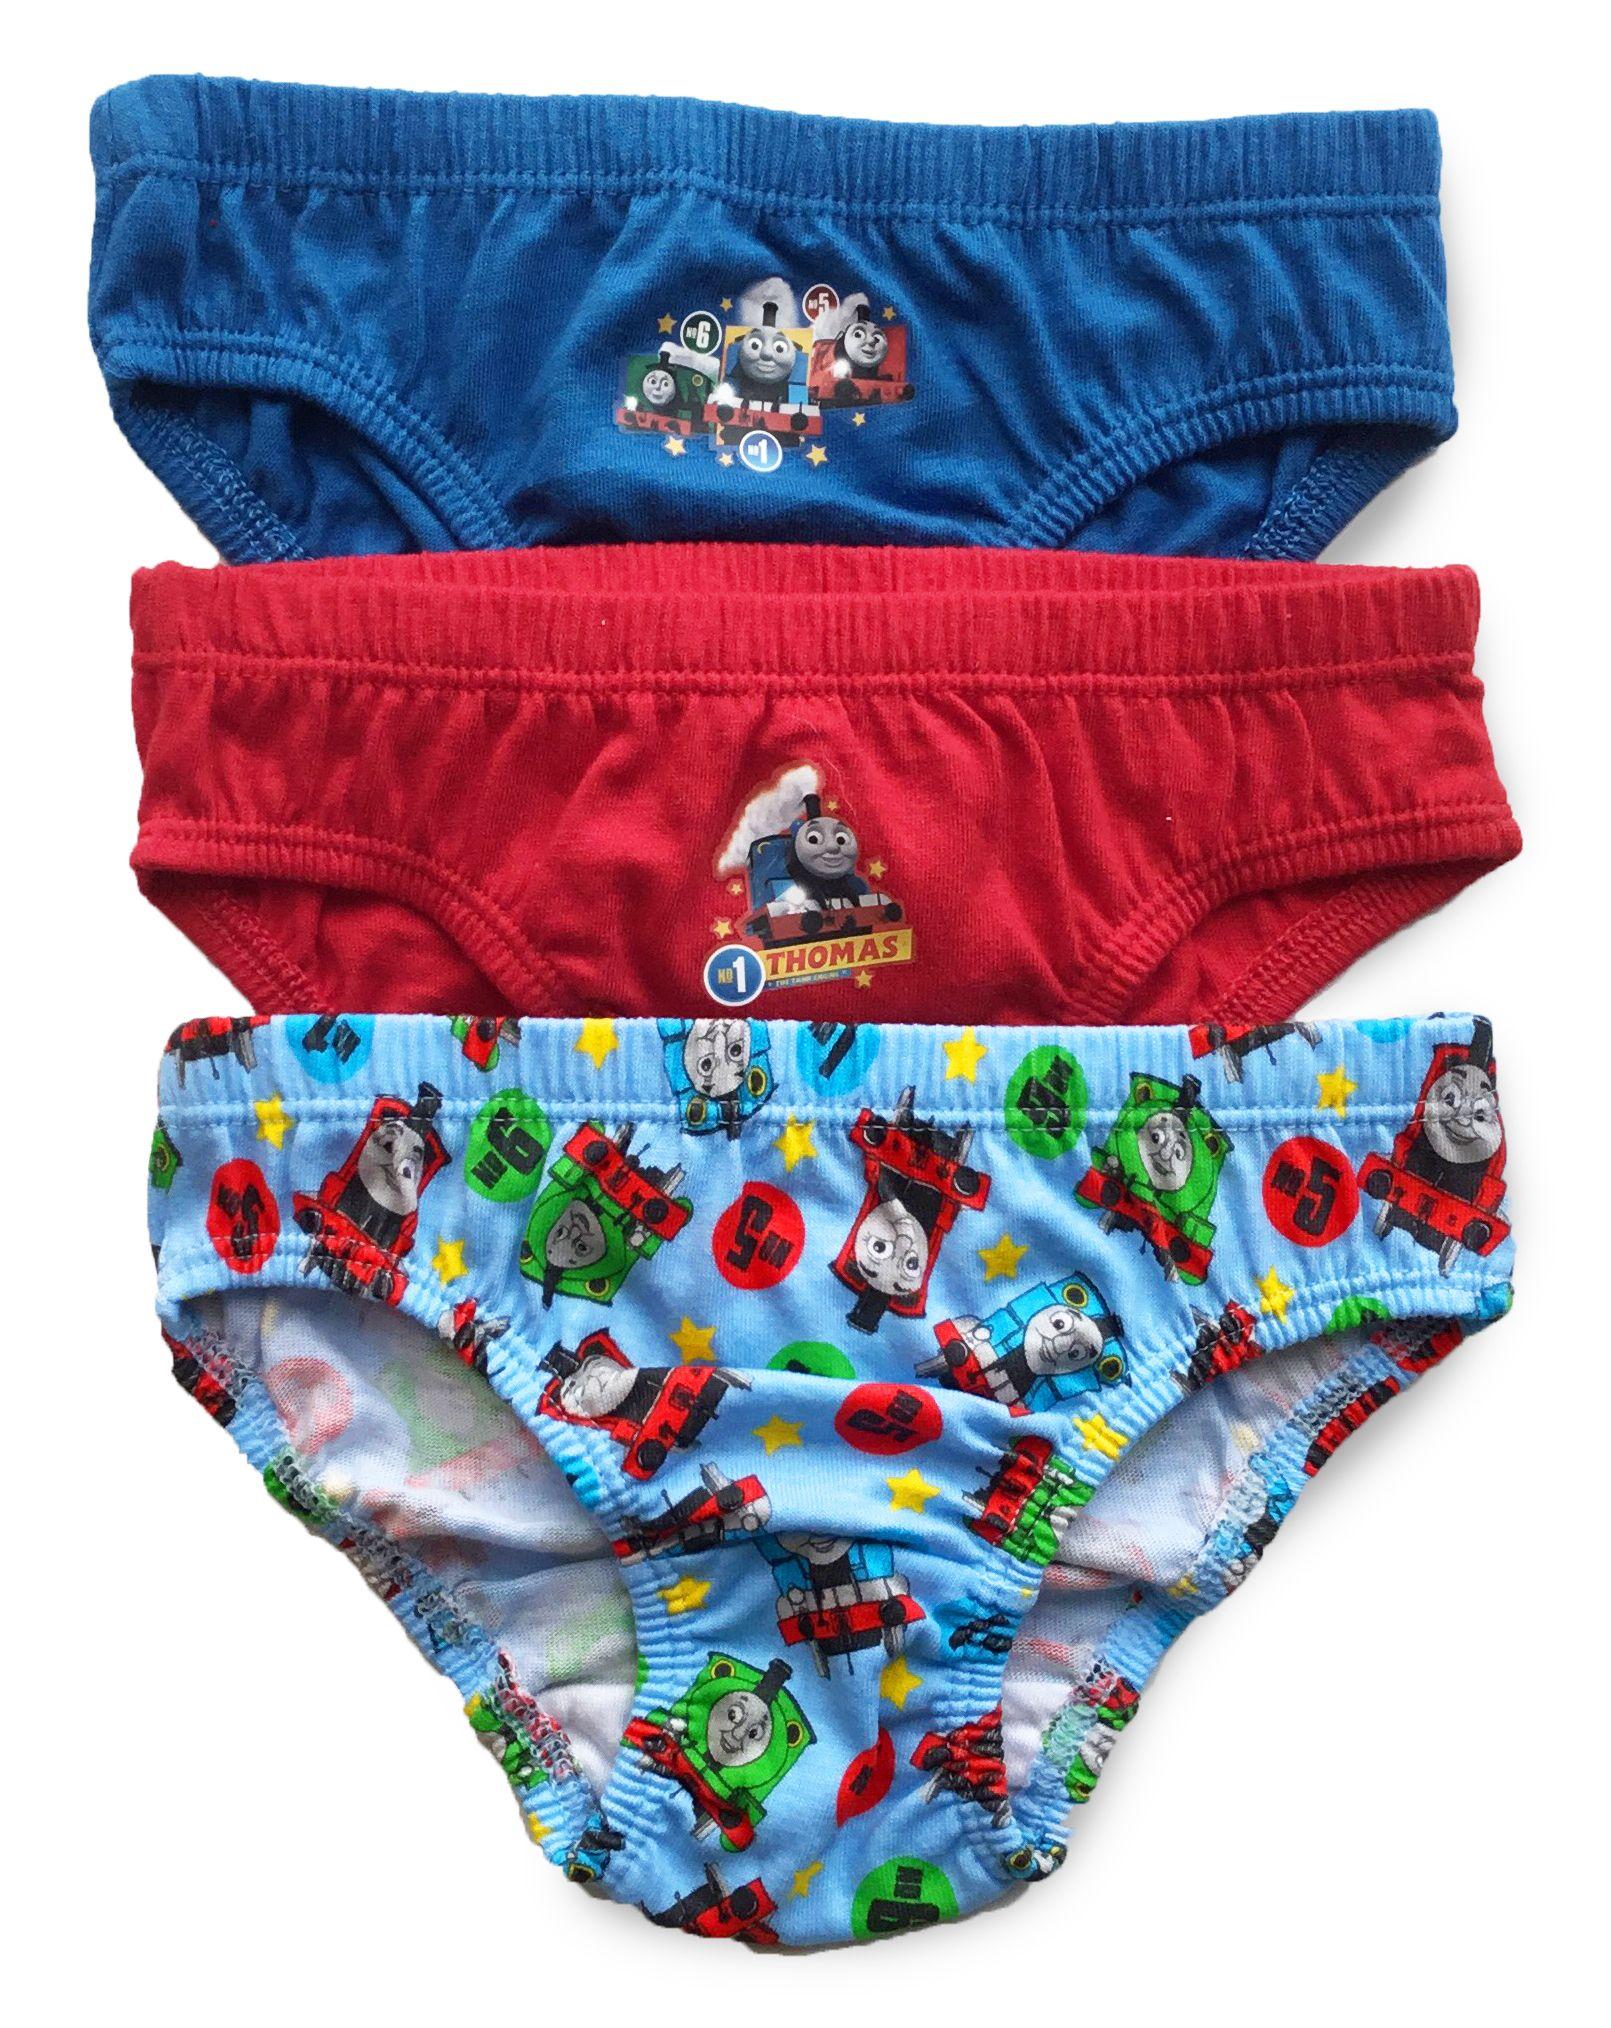 3867799a68 Thomas and Friends pants briefs underwear #thomas #train #underwearboy